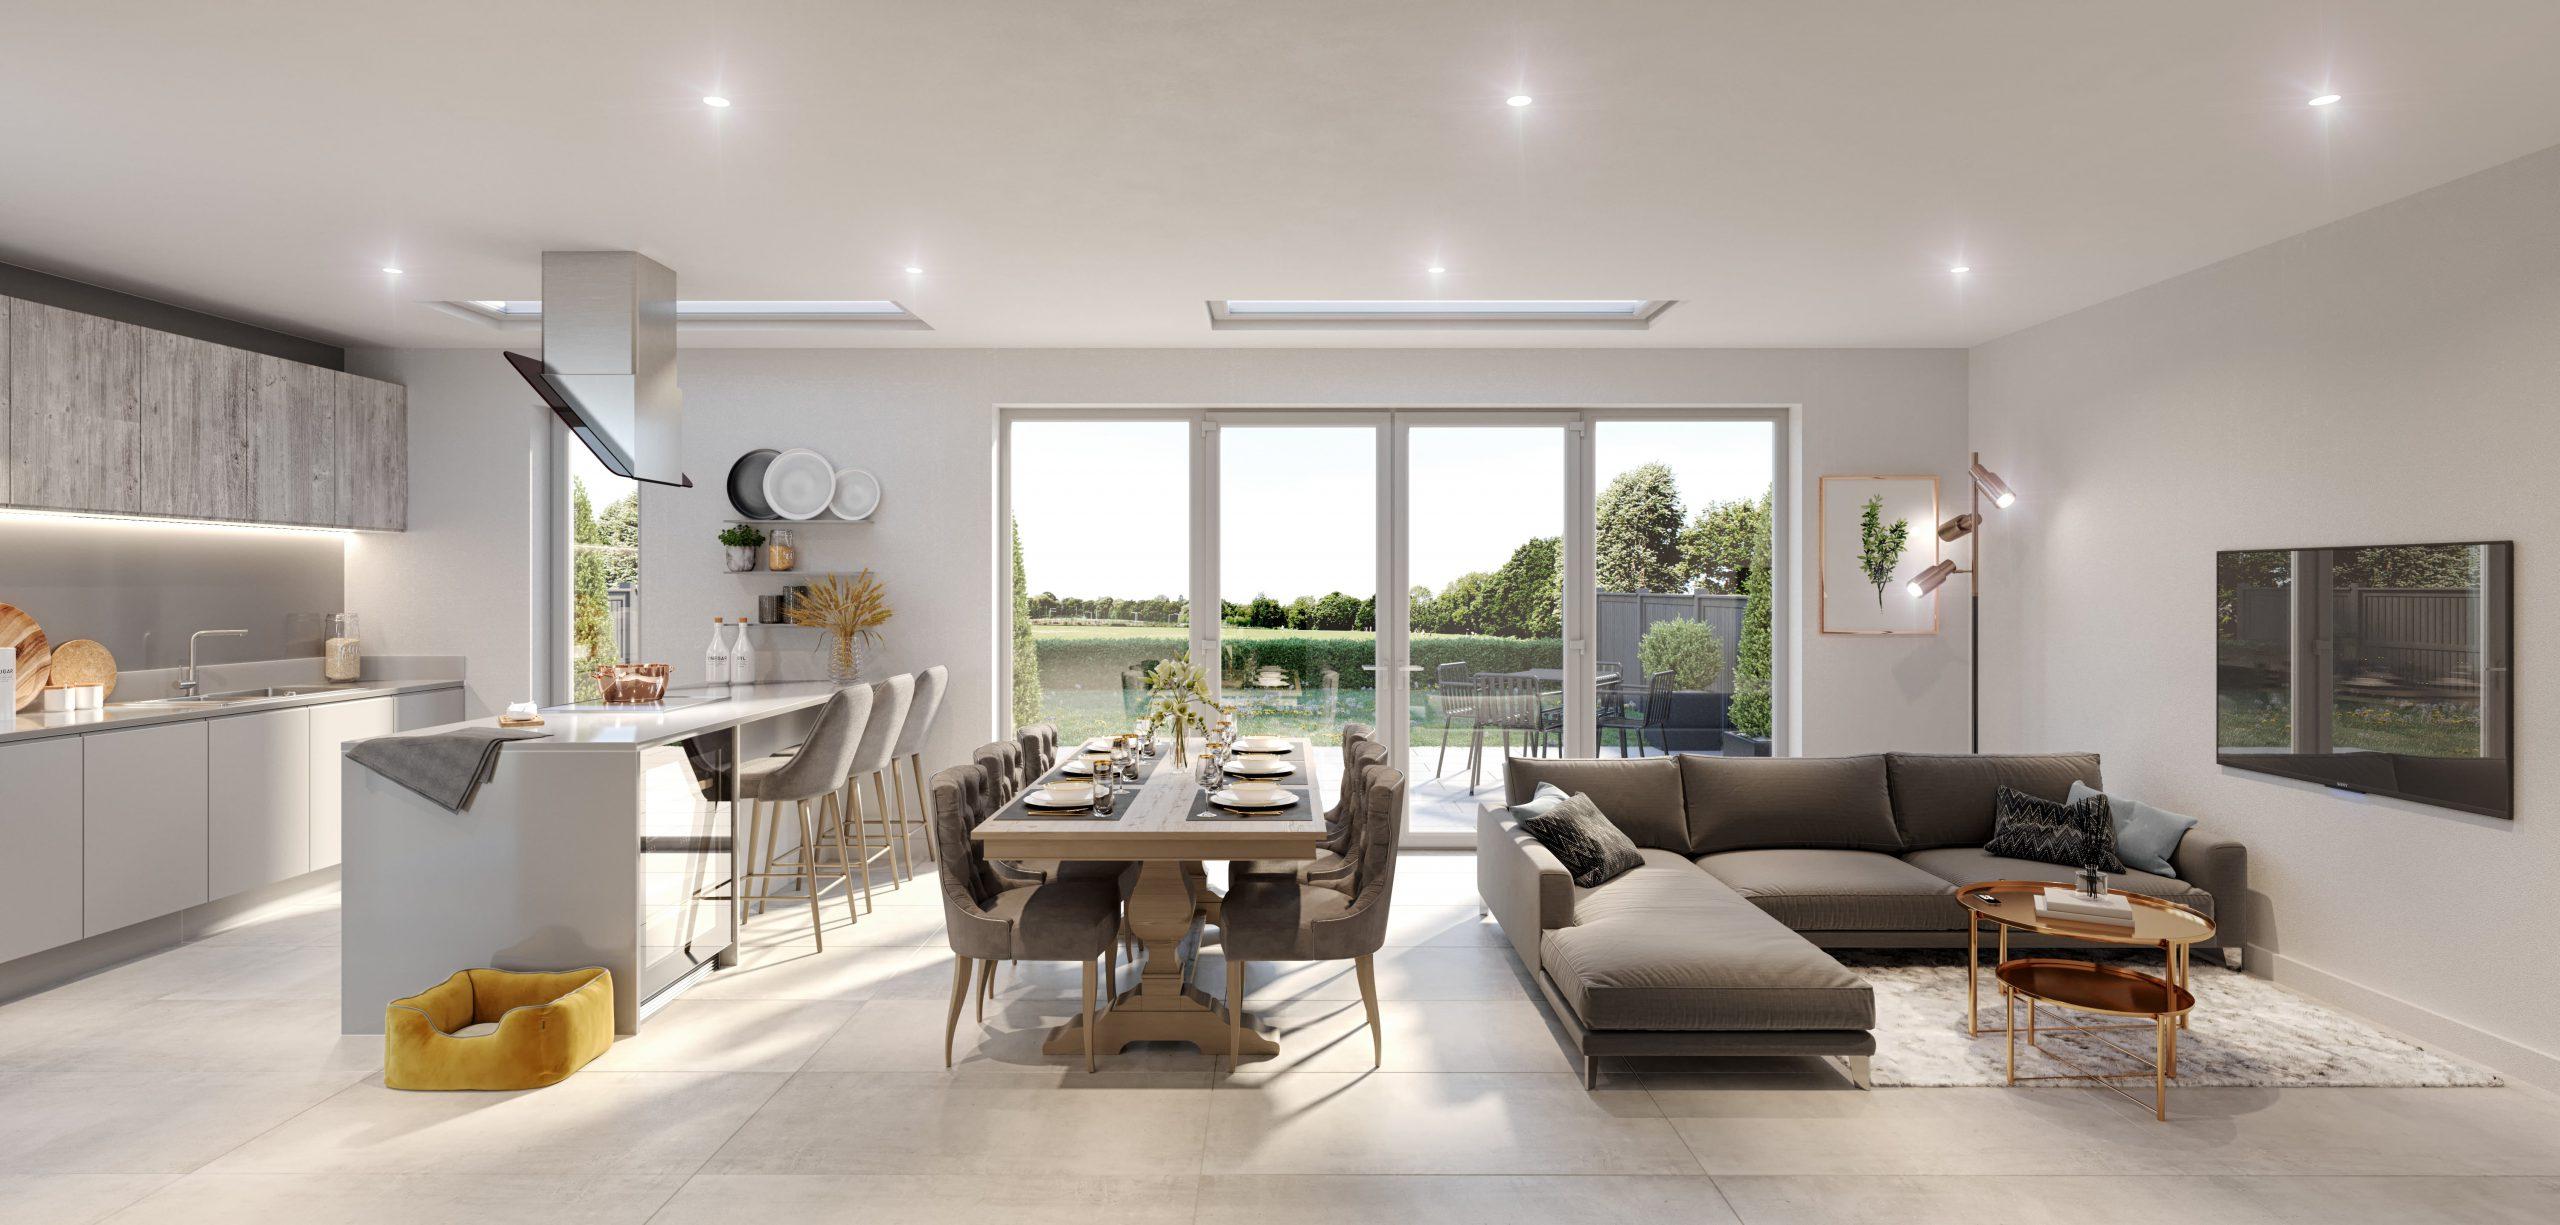 mulberry park - luxury property development visuals - bramhall cheshire 2